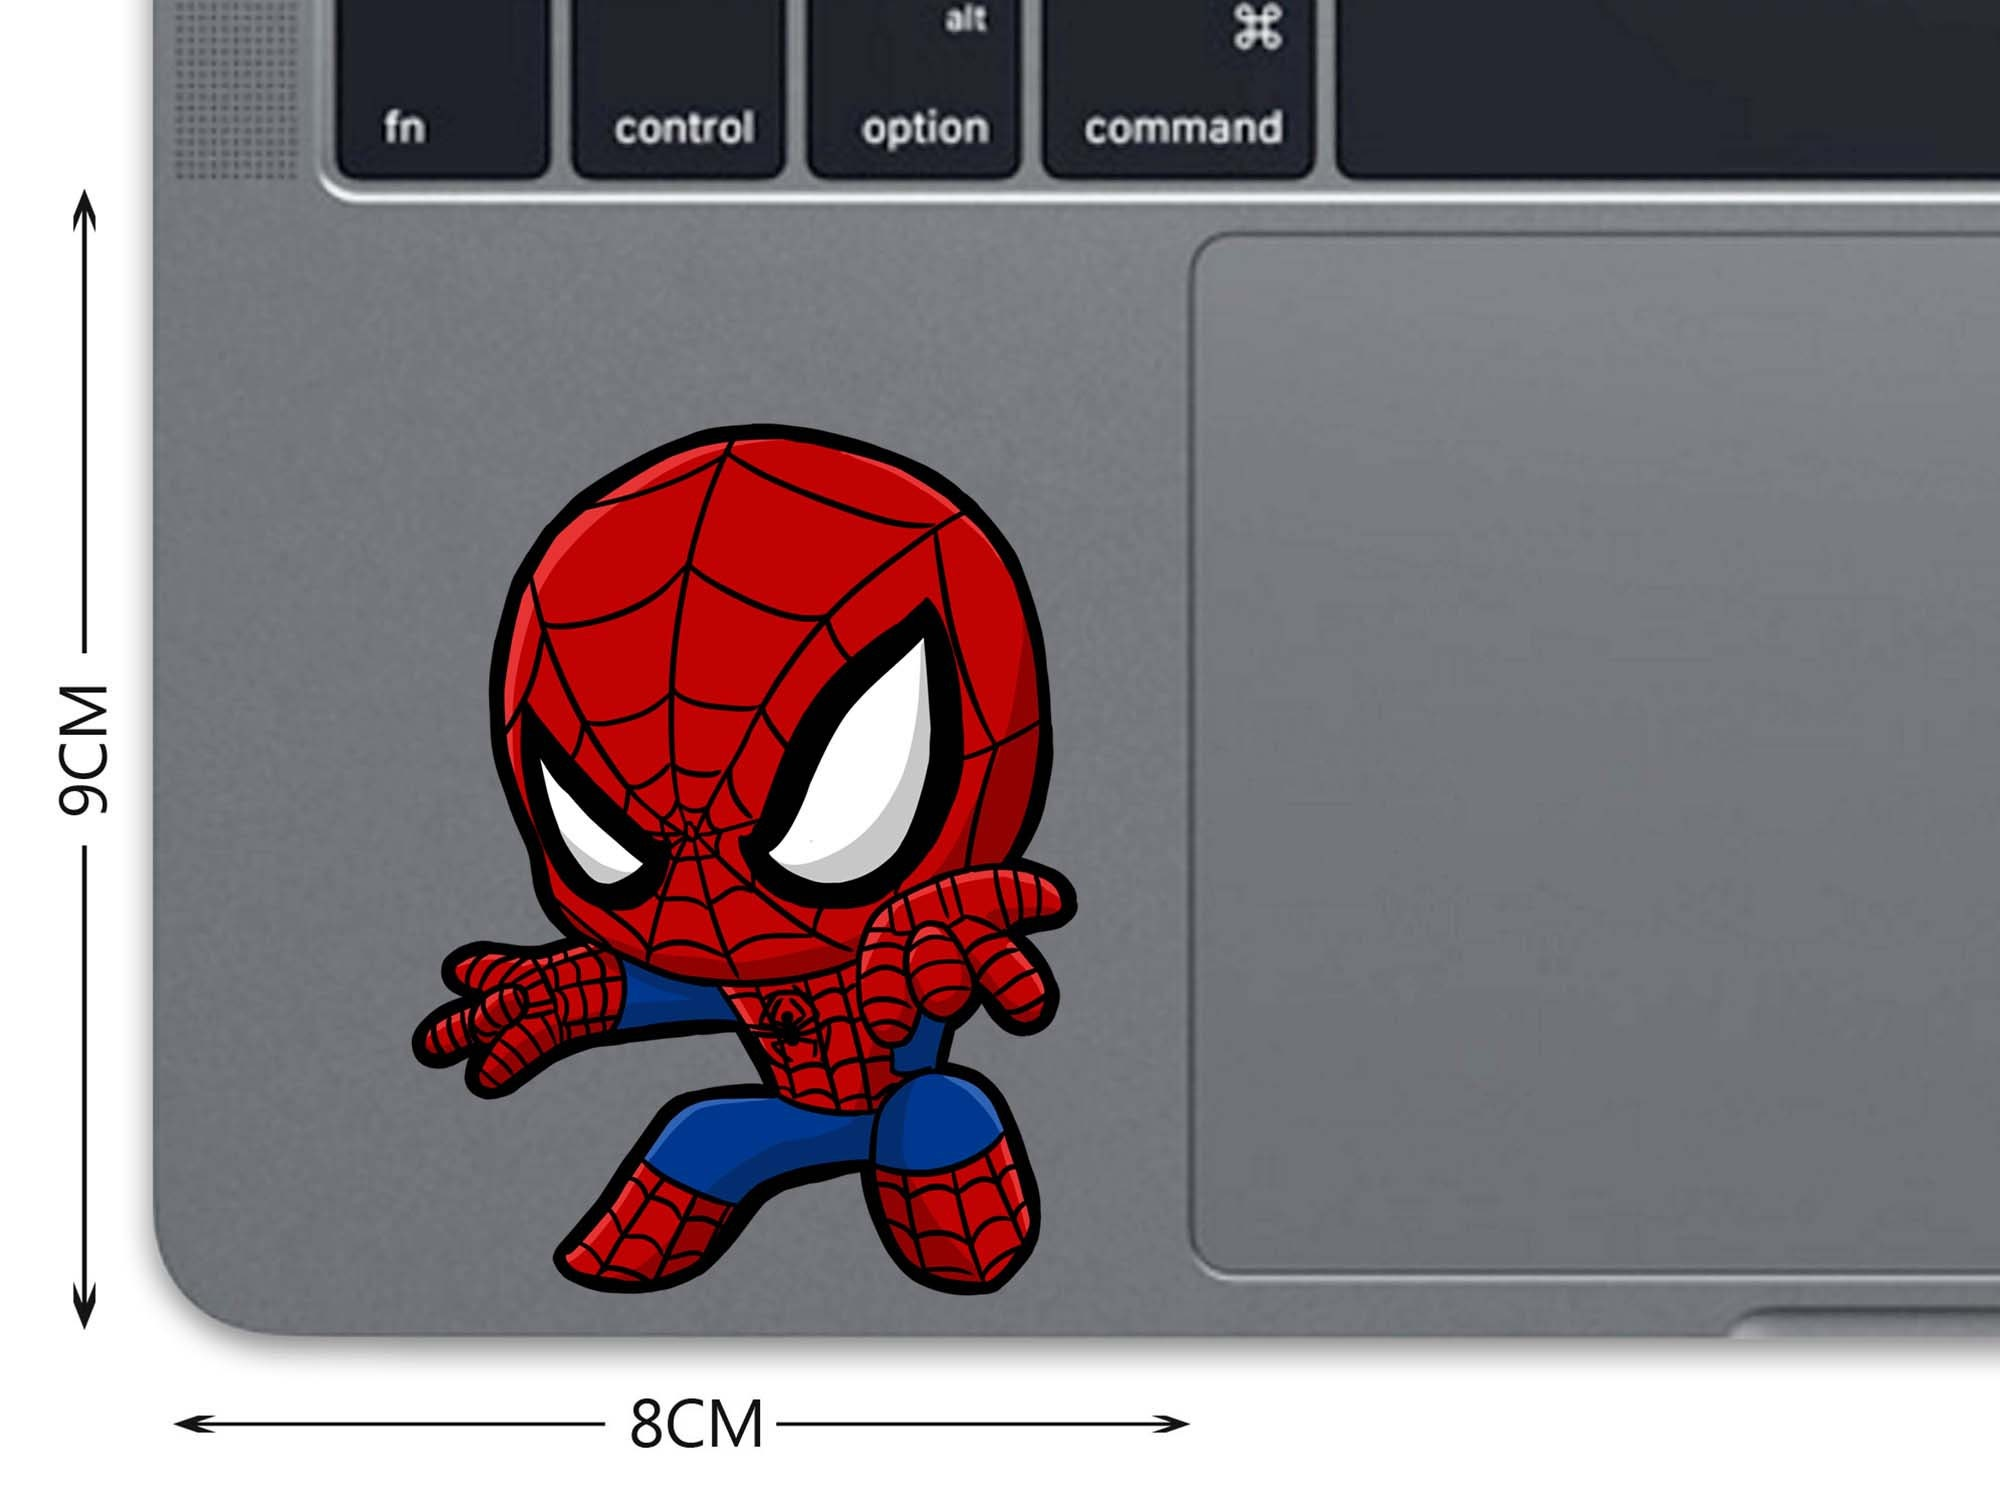 Spiderman Macbook Decal Superhero Macbook Sticker Spider Man